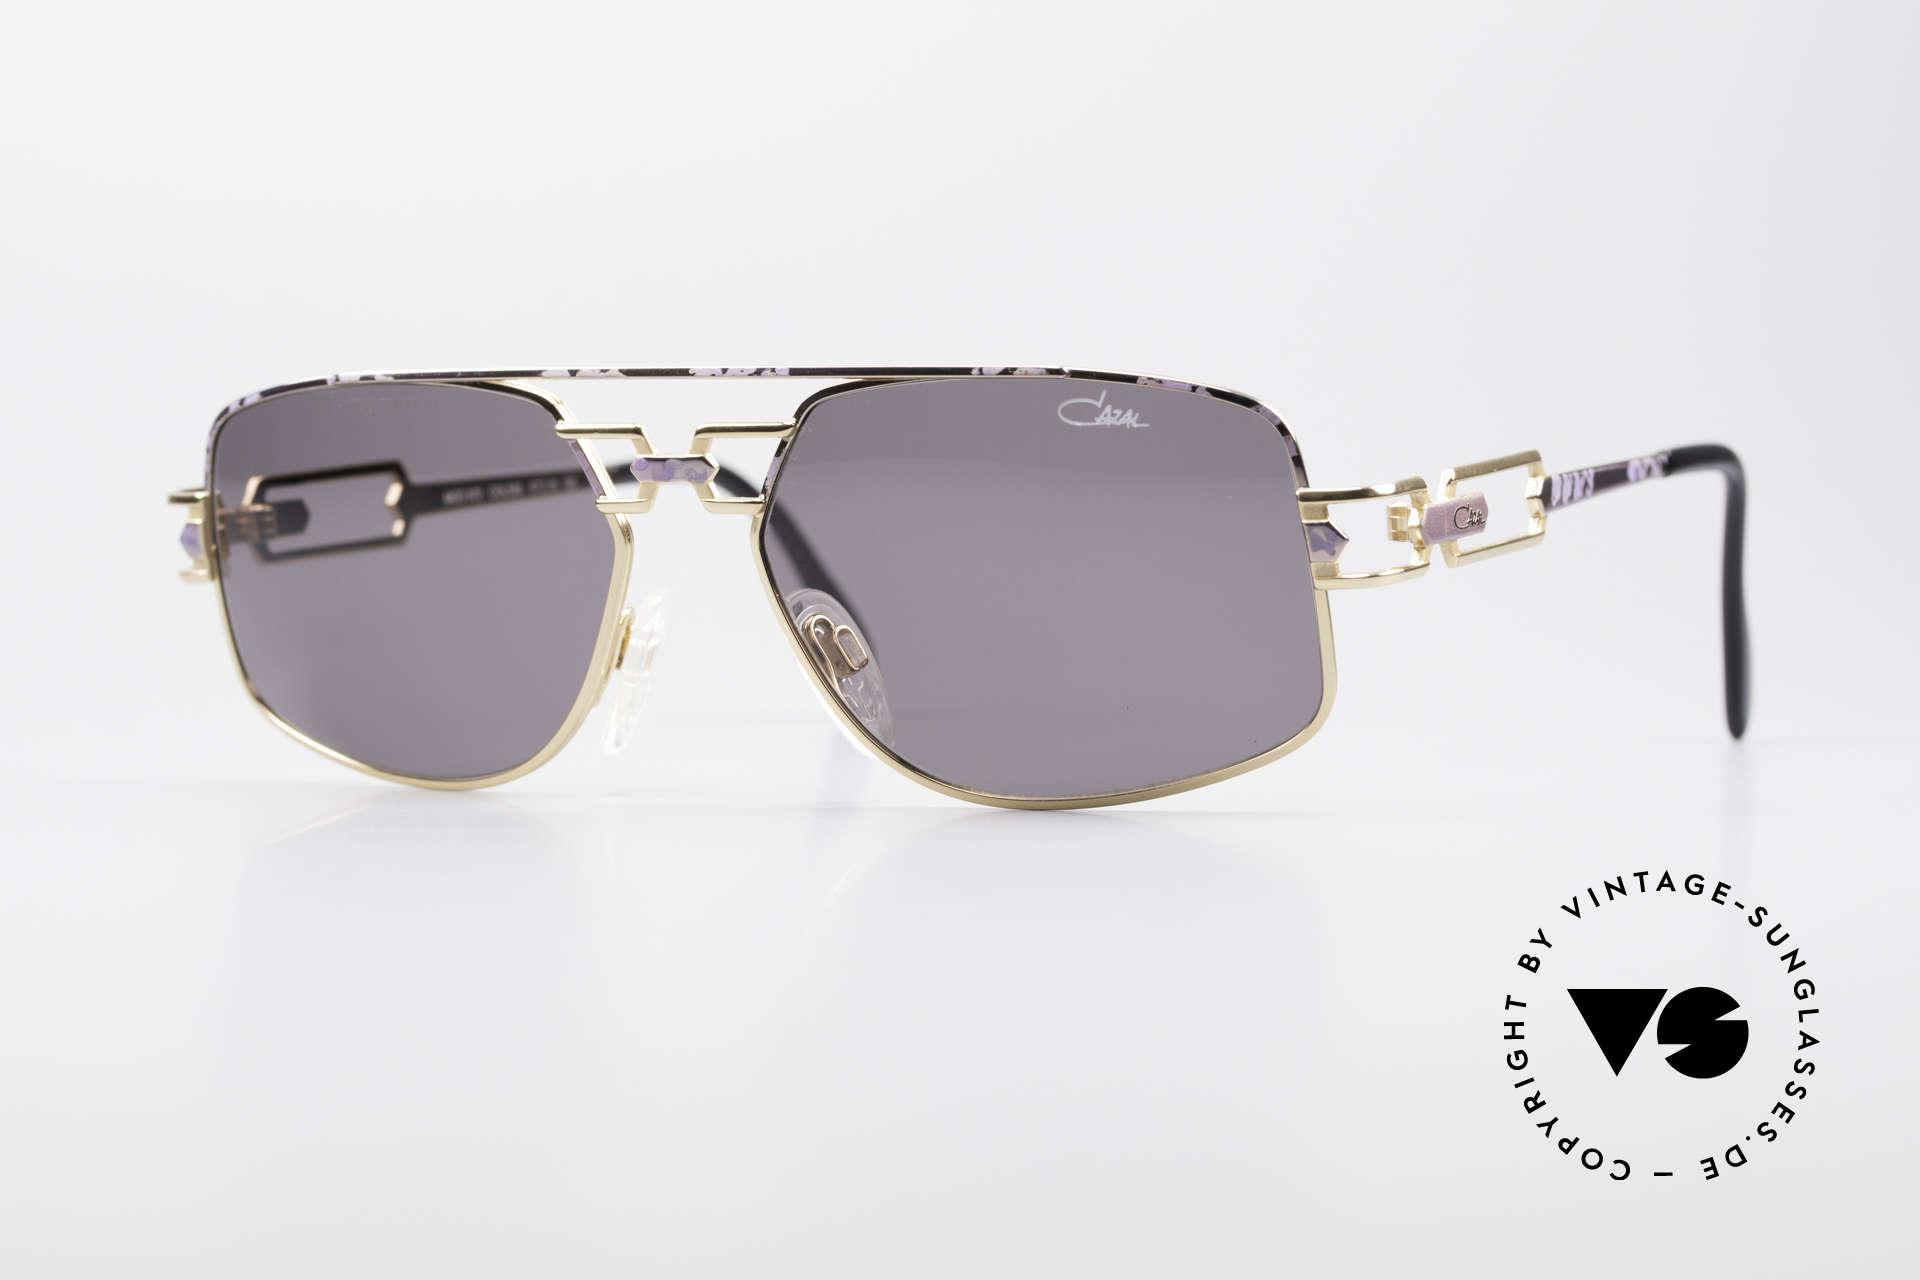 Cazal 972 True Vintage Shades No Retro, original 1990's Cazal designer sunglasses; true vintage!, Made for Men and Women